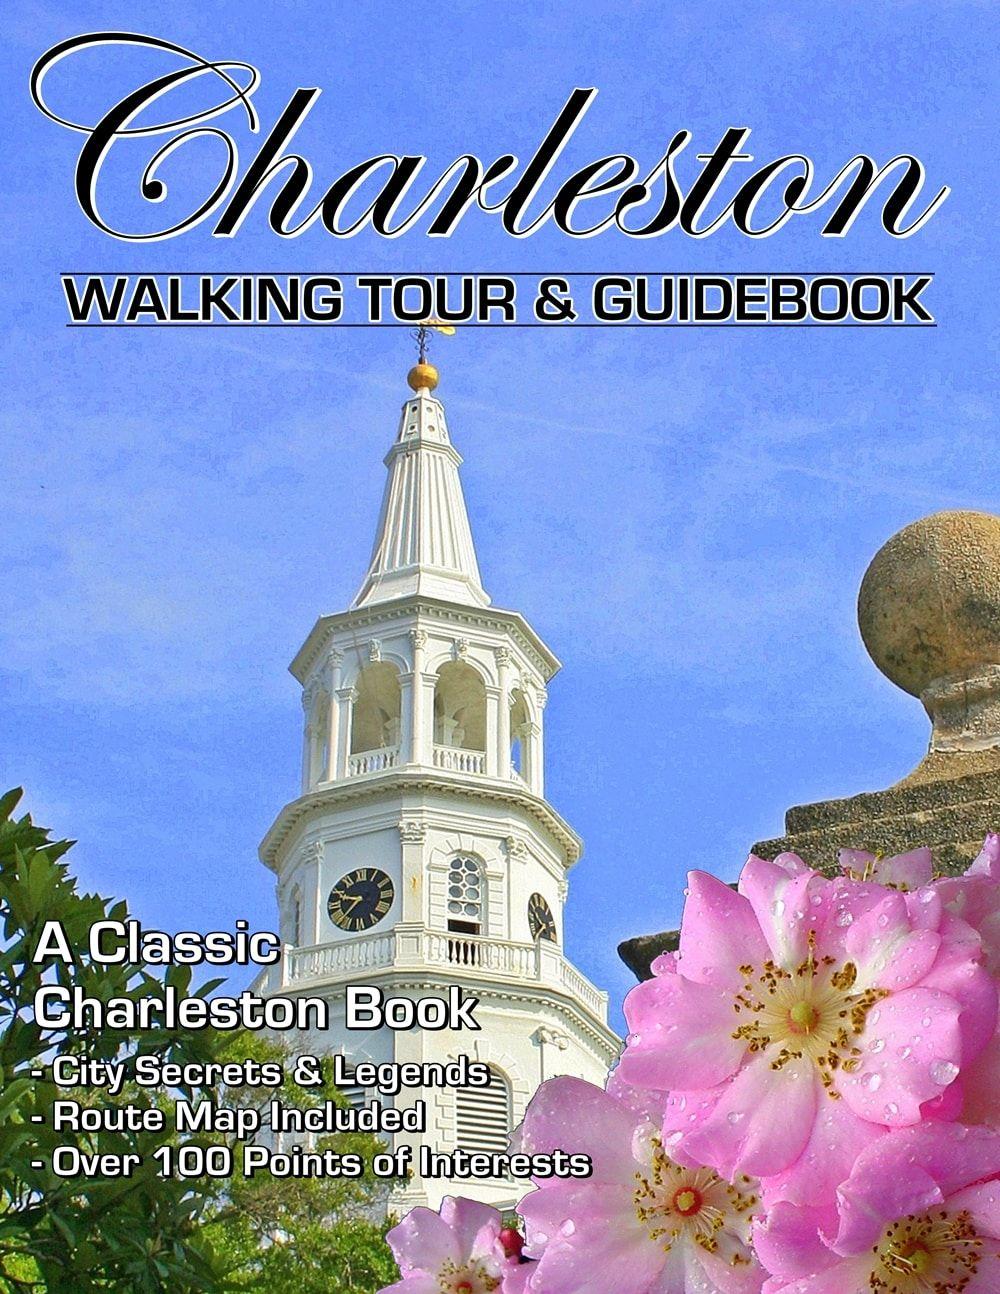 Charleston Sc Self Guided Walking Tour Map Self Guided Walking Tours Charleston Sc Savannah Ga Washington Dc Walking Tour City Of Charleston Book City